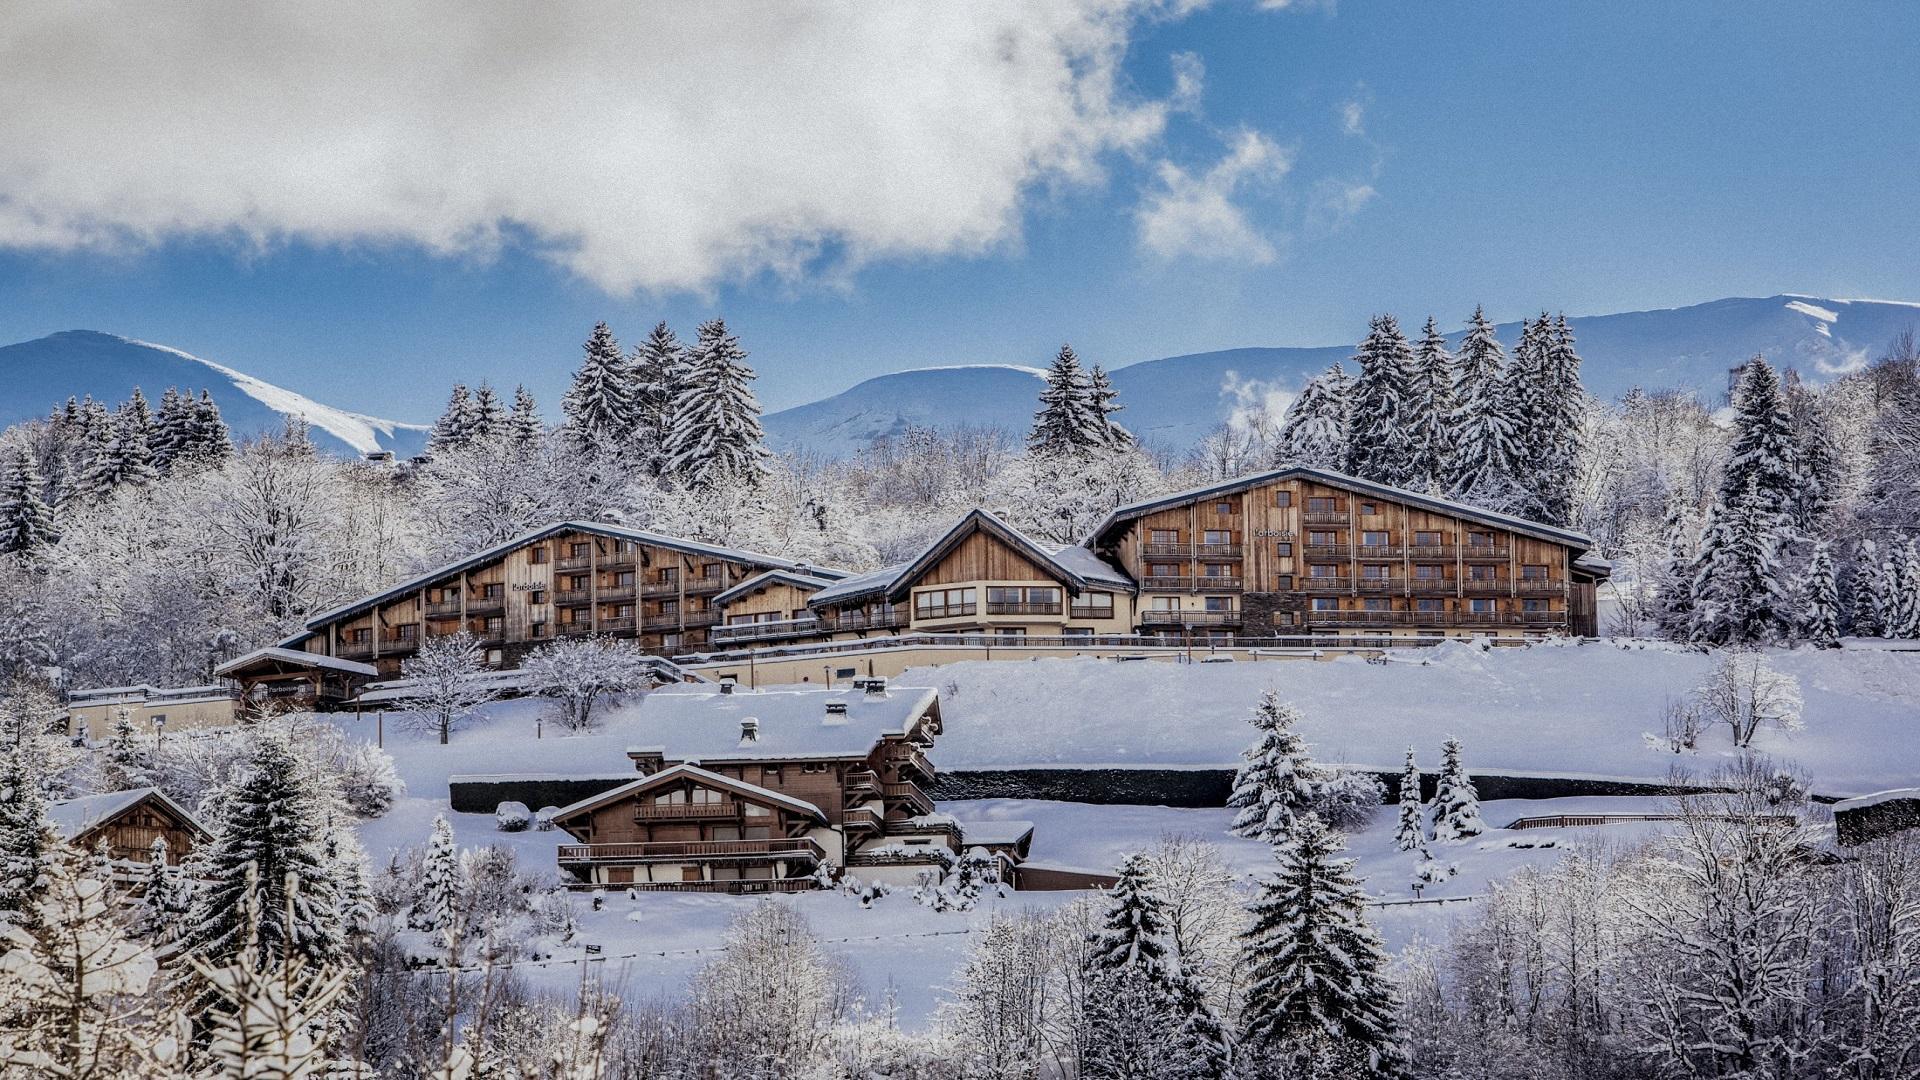 l'arboisie-megeve-incentive-ski-montagne-alpes-neige-101 seminaires-de-caractere